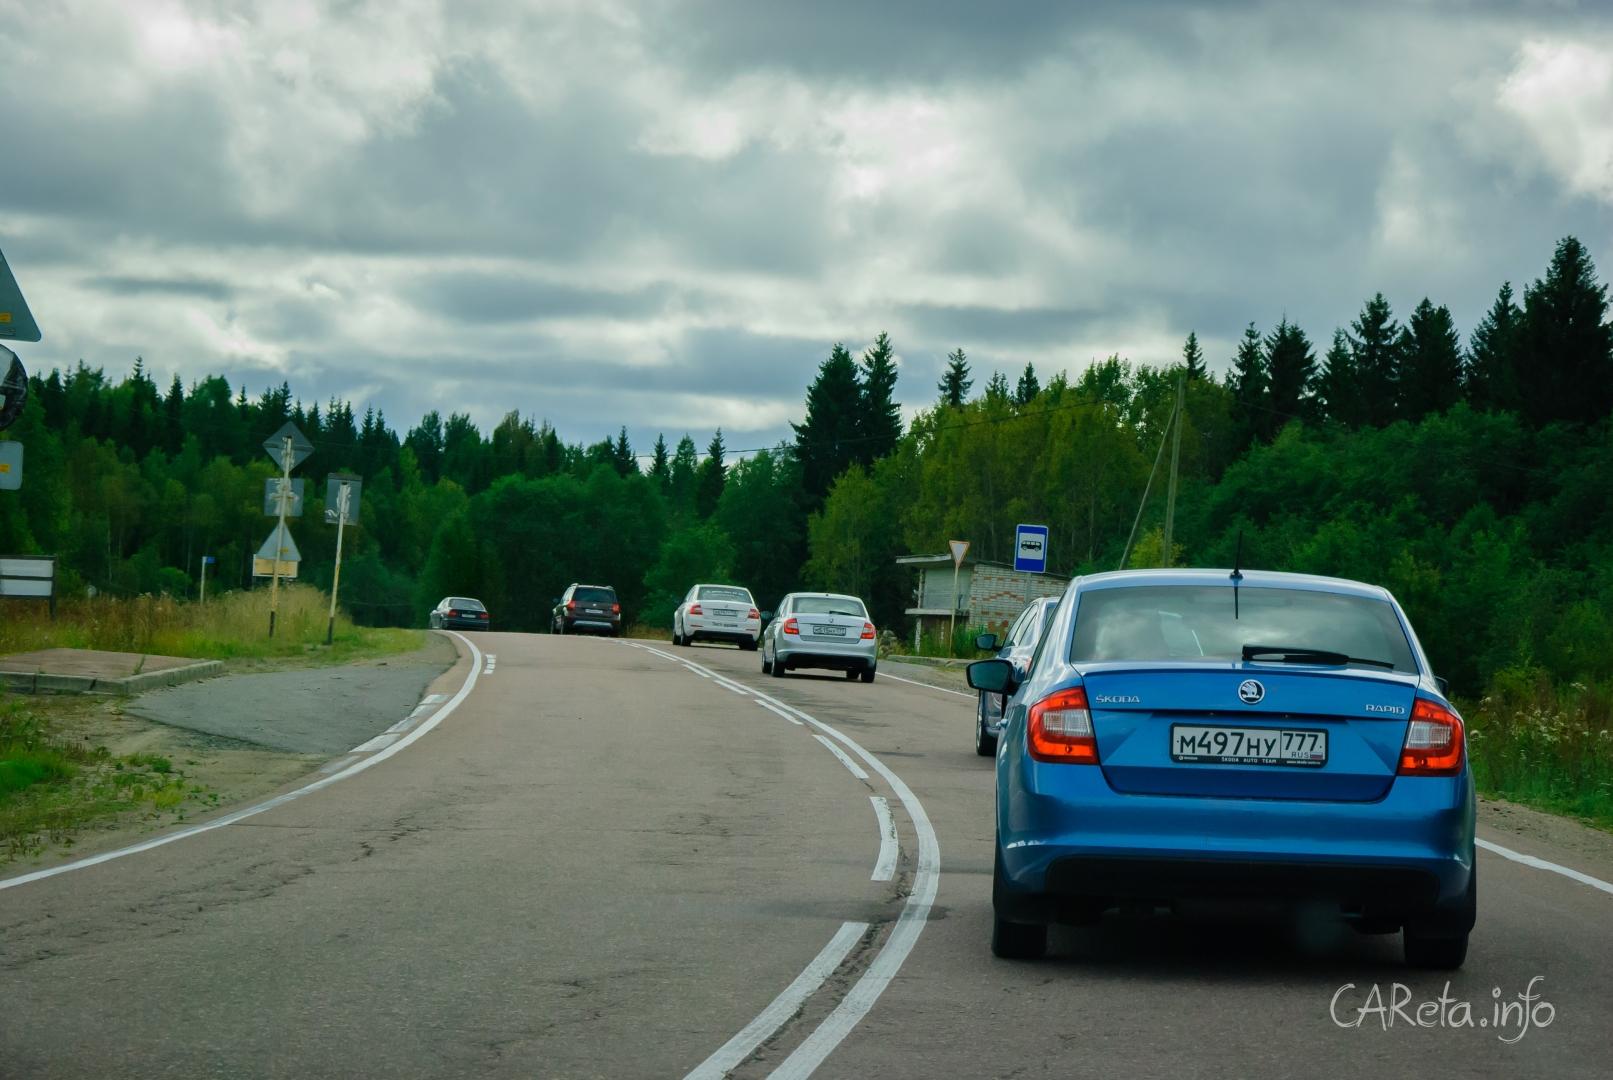 Дневник автоквеста ŠKODA в Карелии: День второй. Цель достигнута!